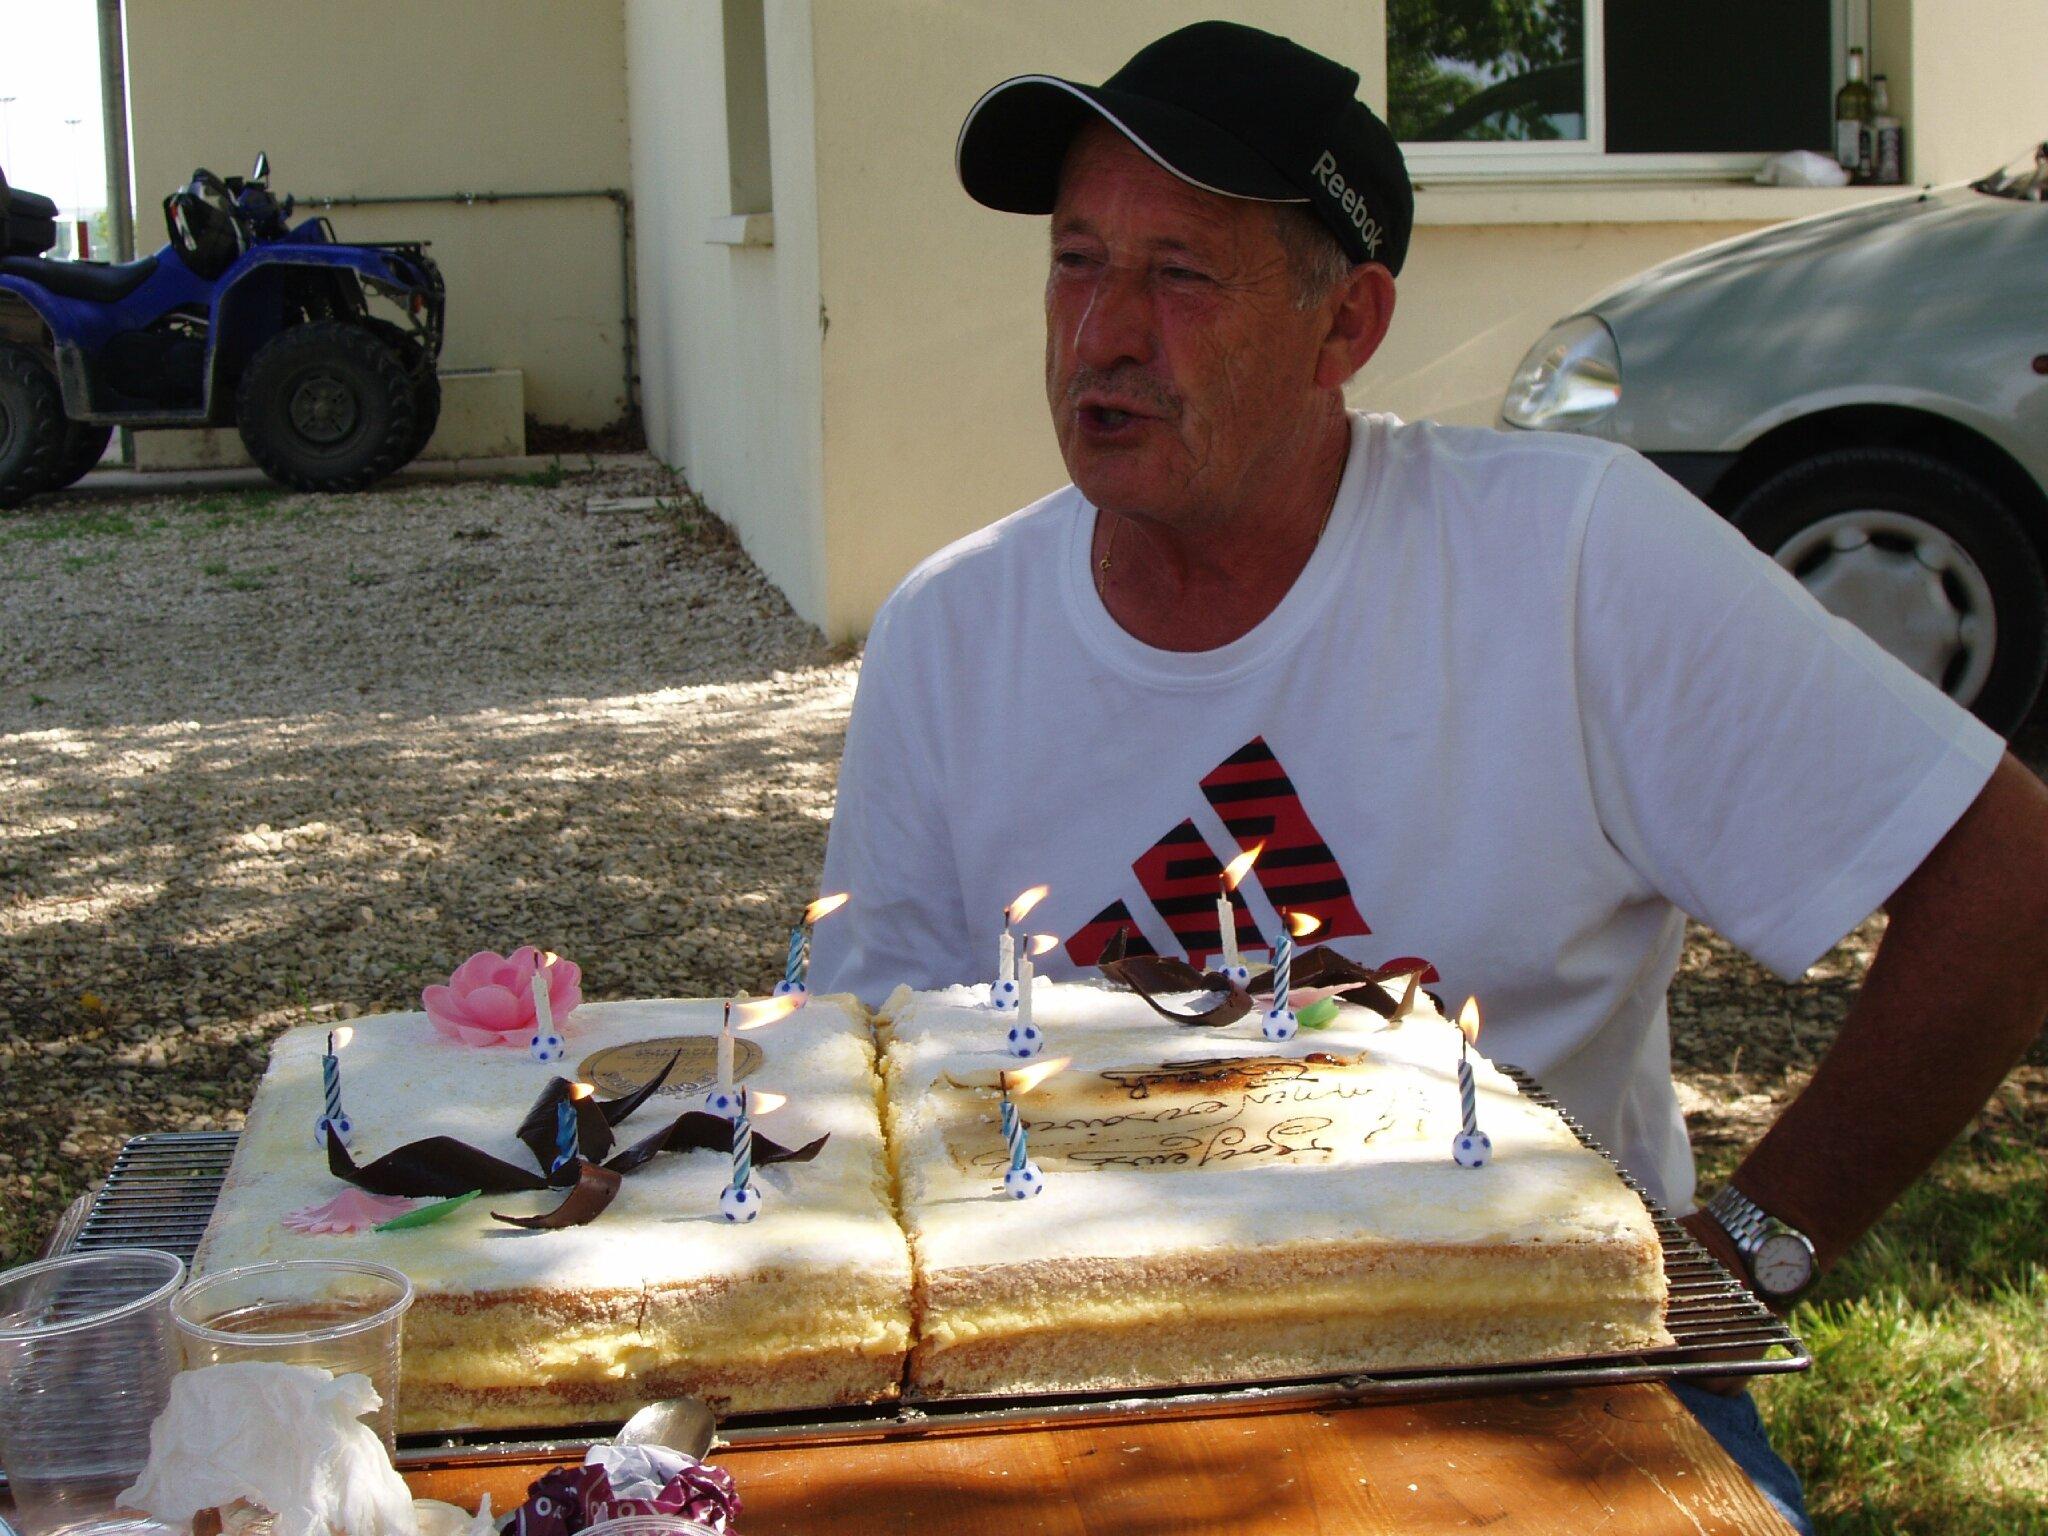 Hervé se dit que les bougies commencent à coûter plus cher que le gâteau... humour, évidement!!!